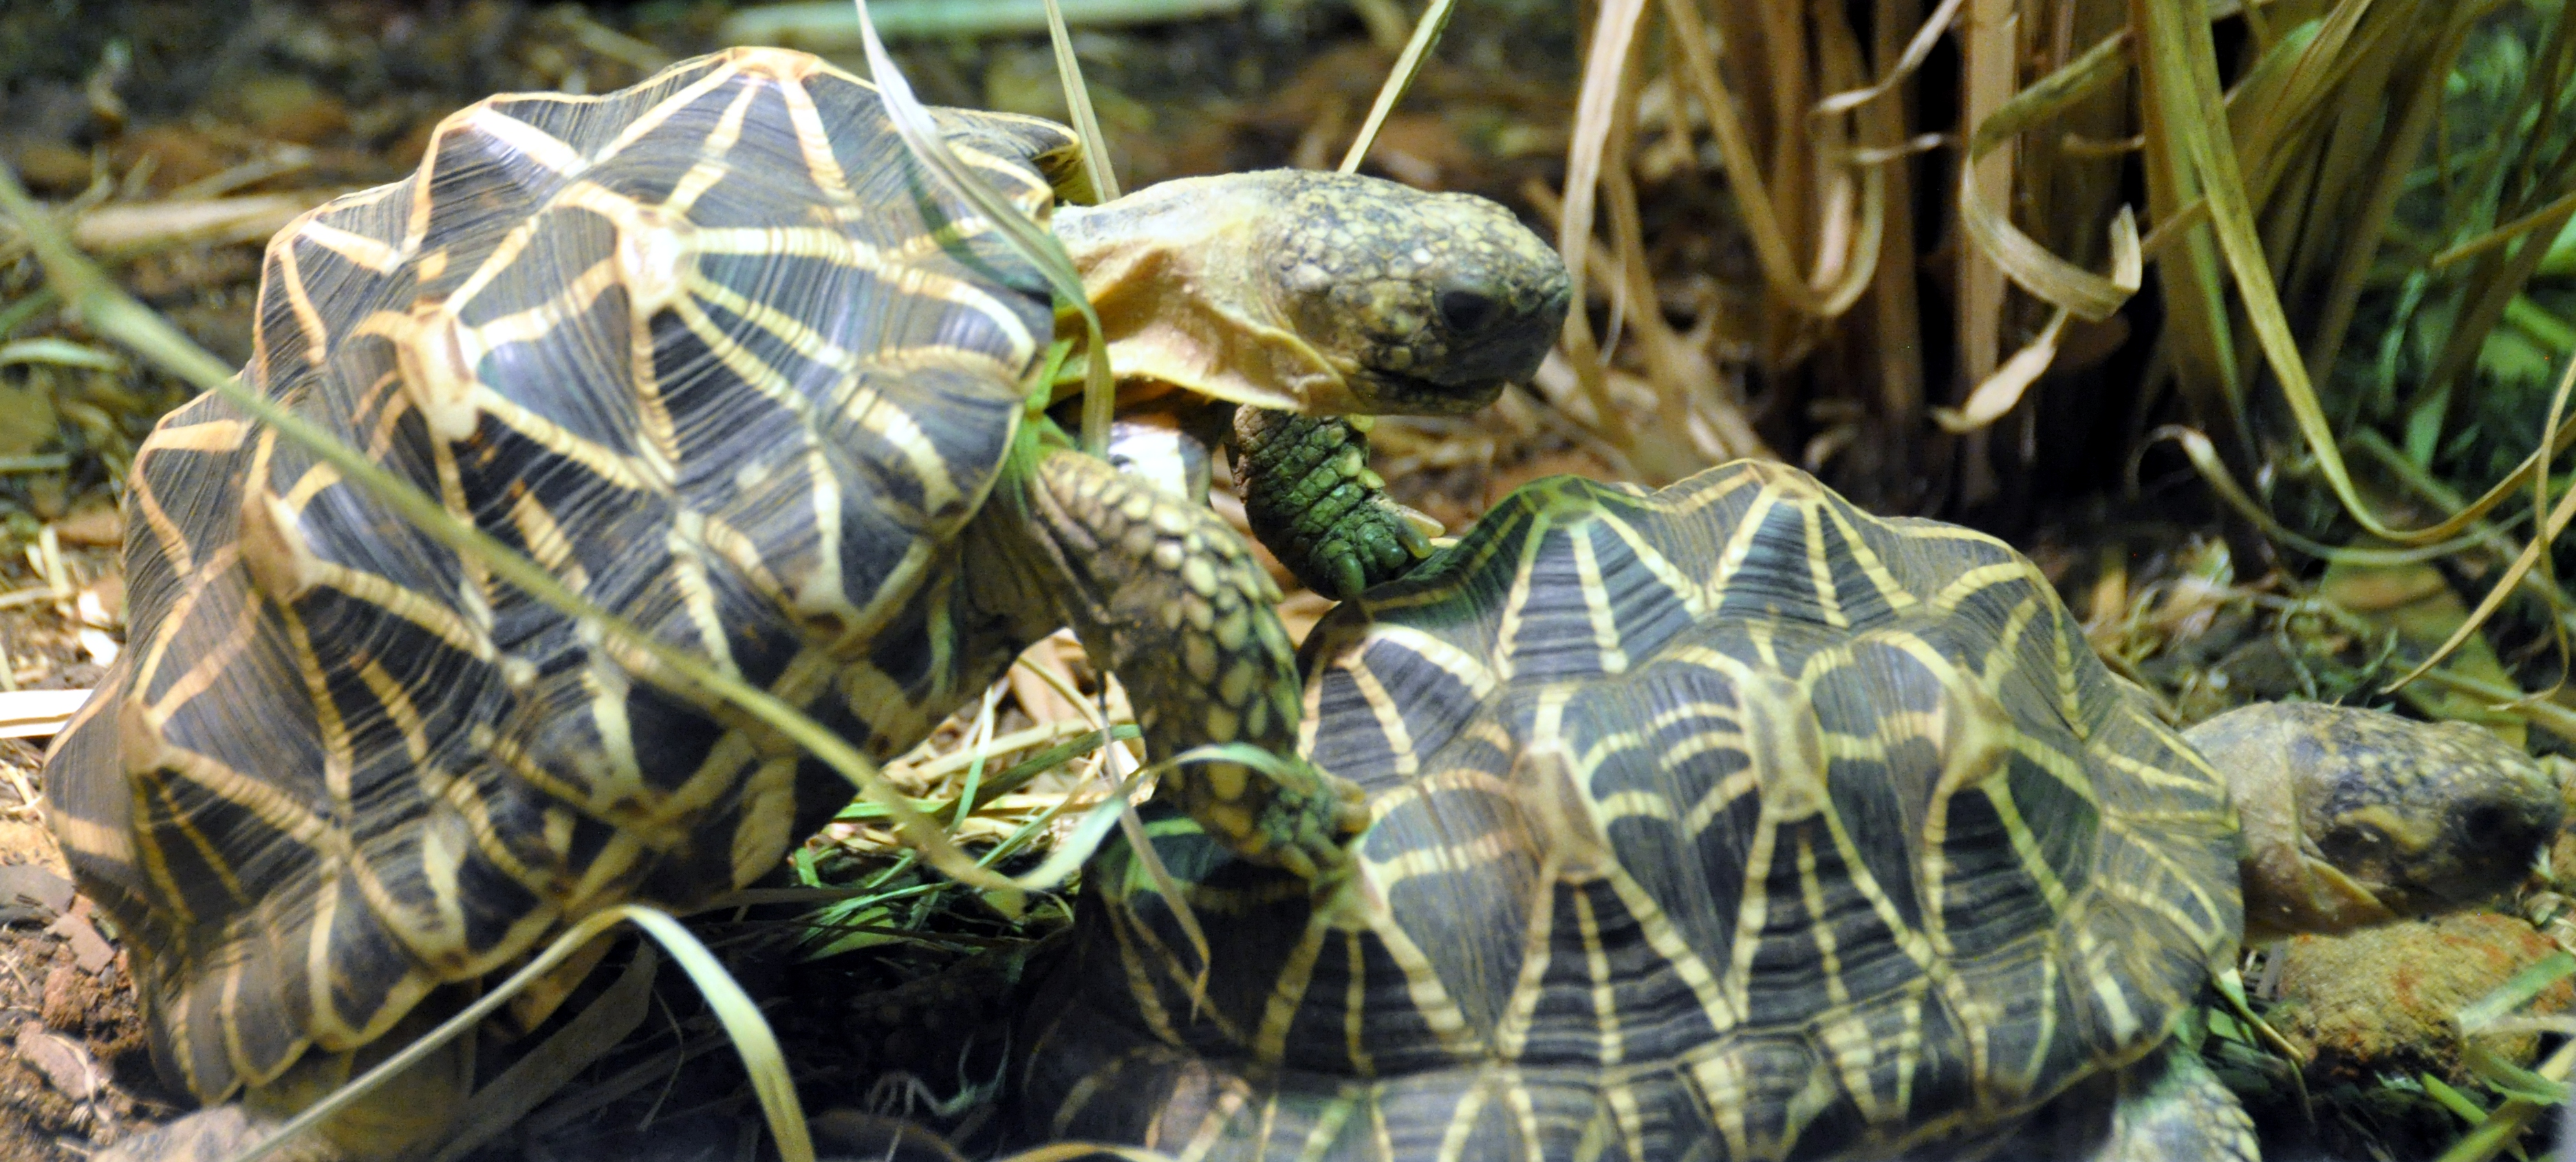 Description indian star tortoises